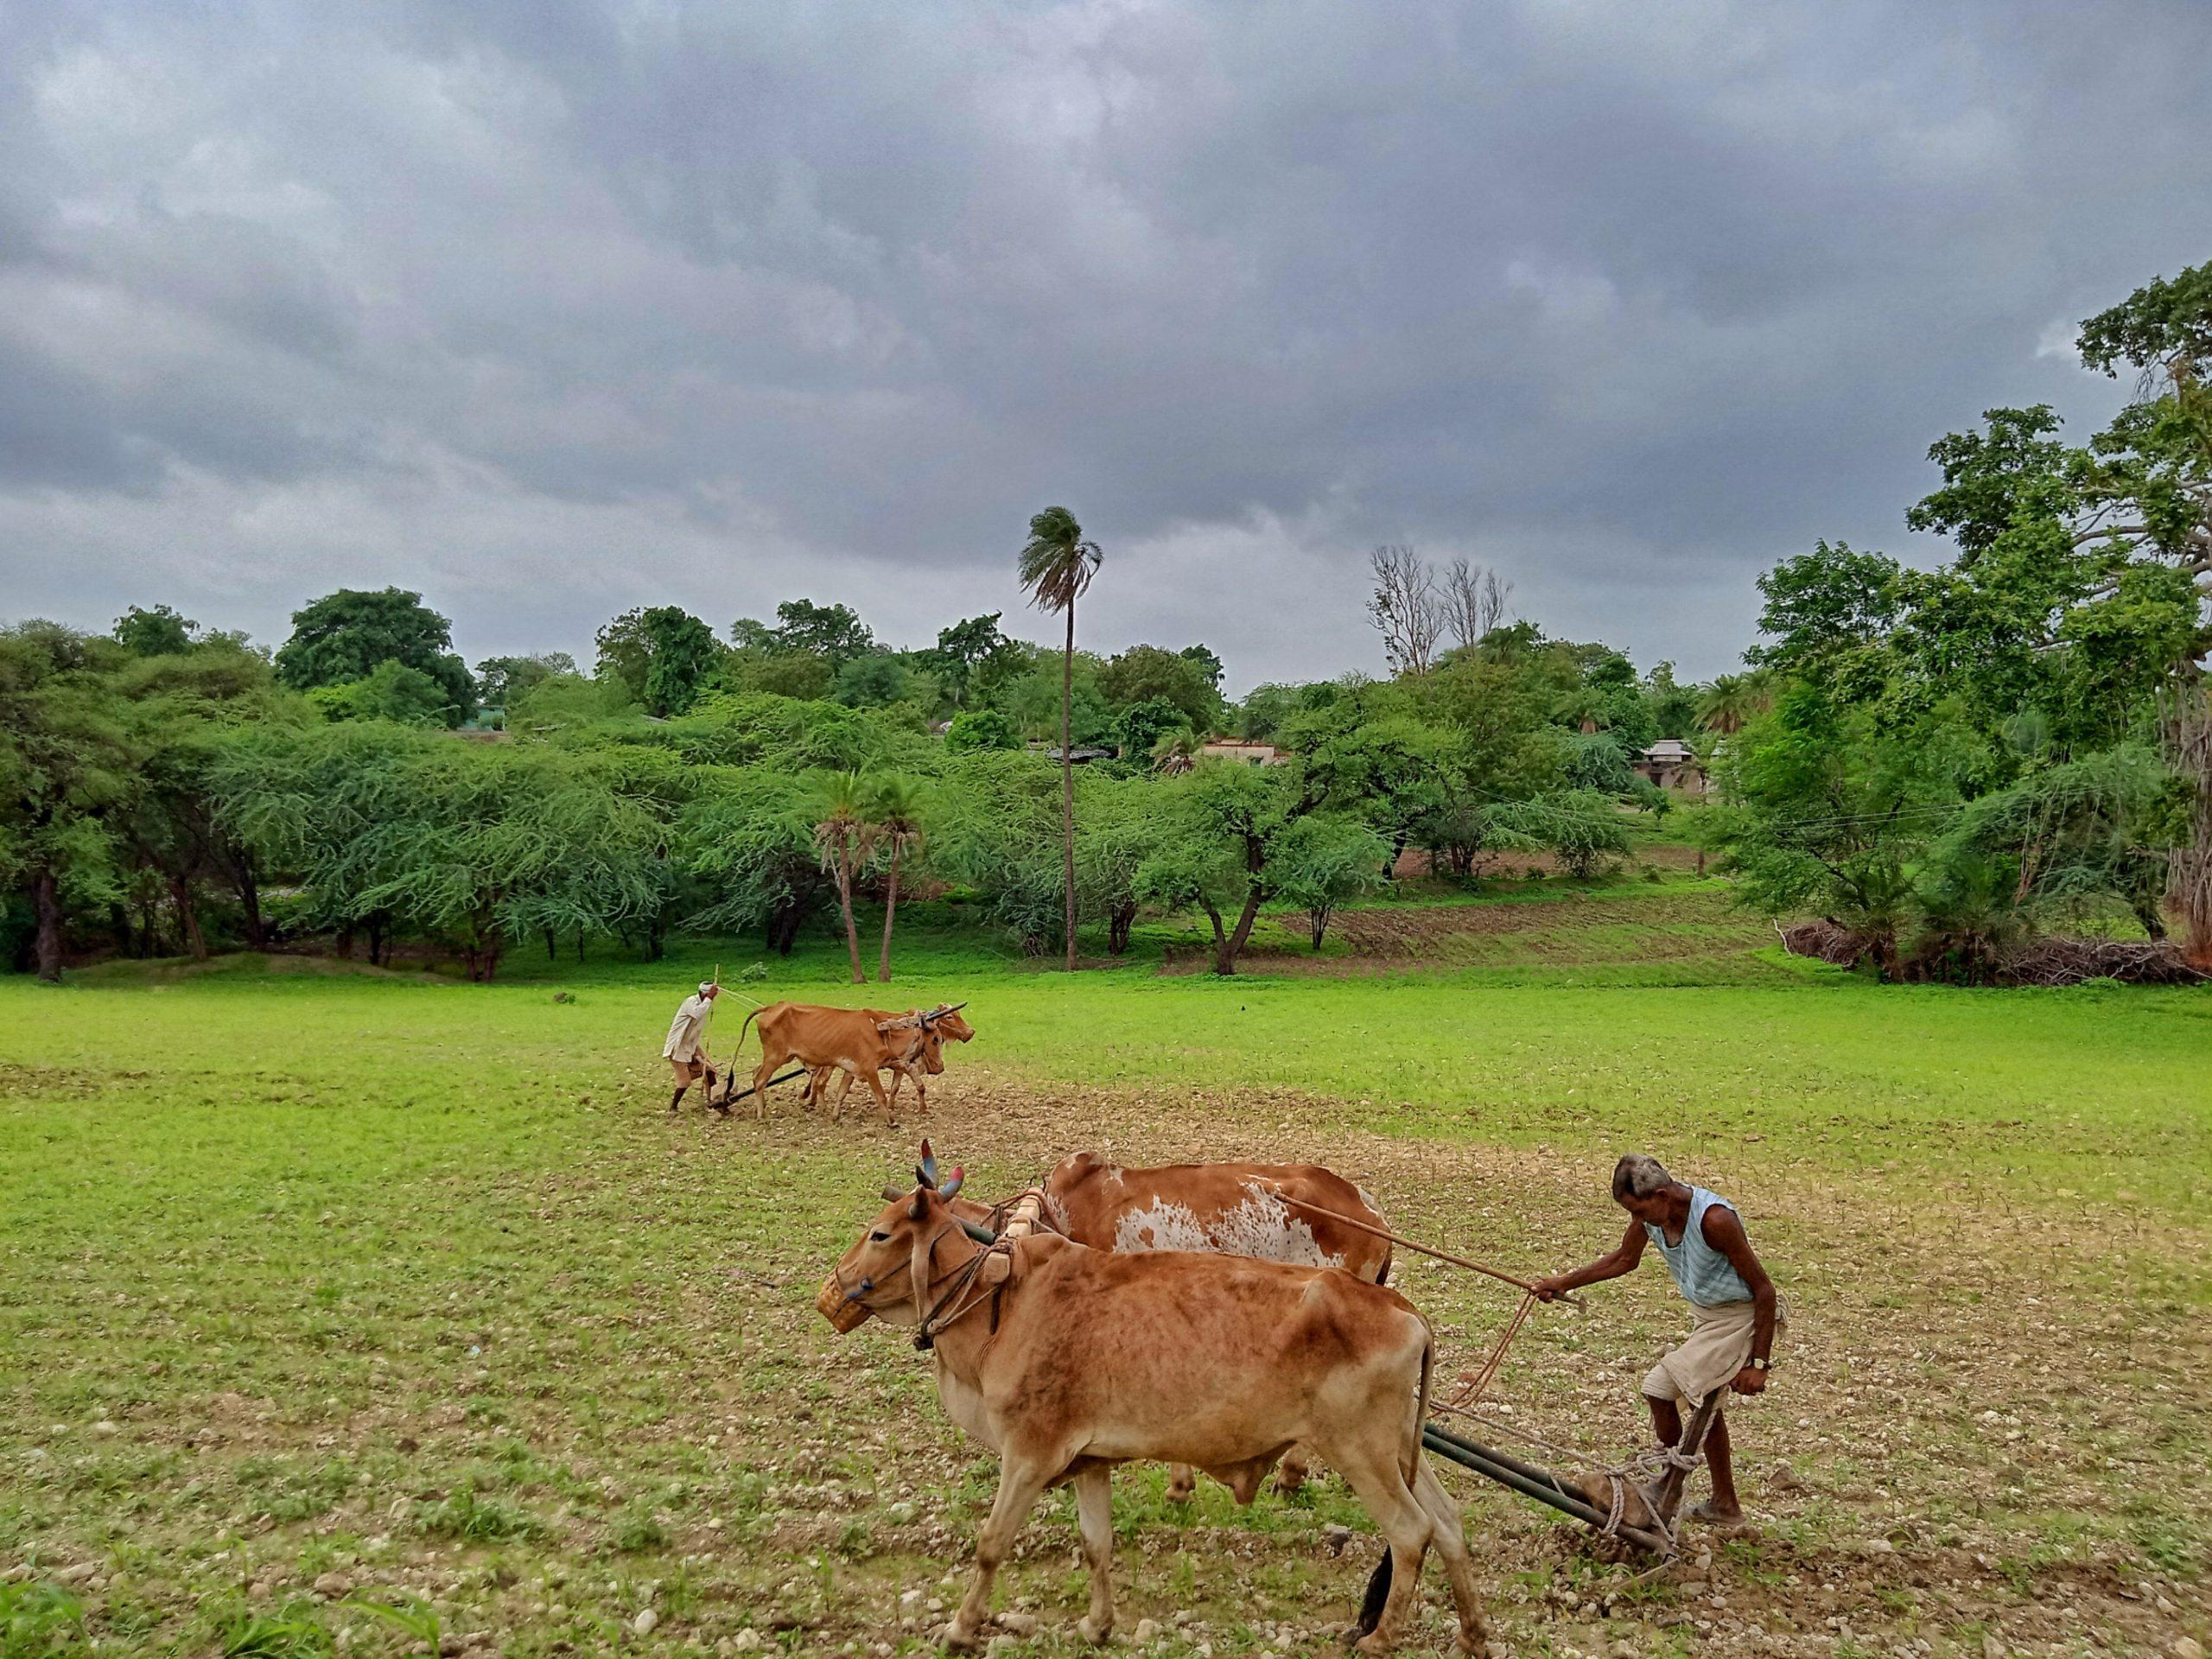 Field in a village